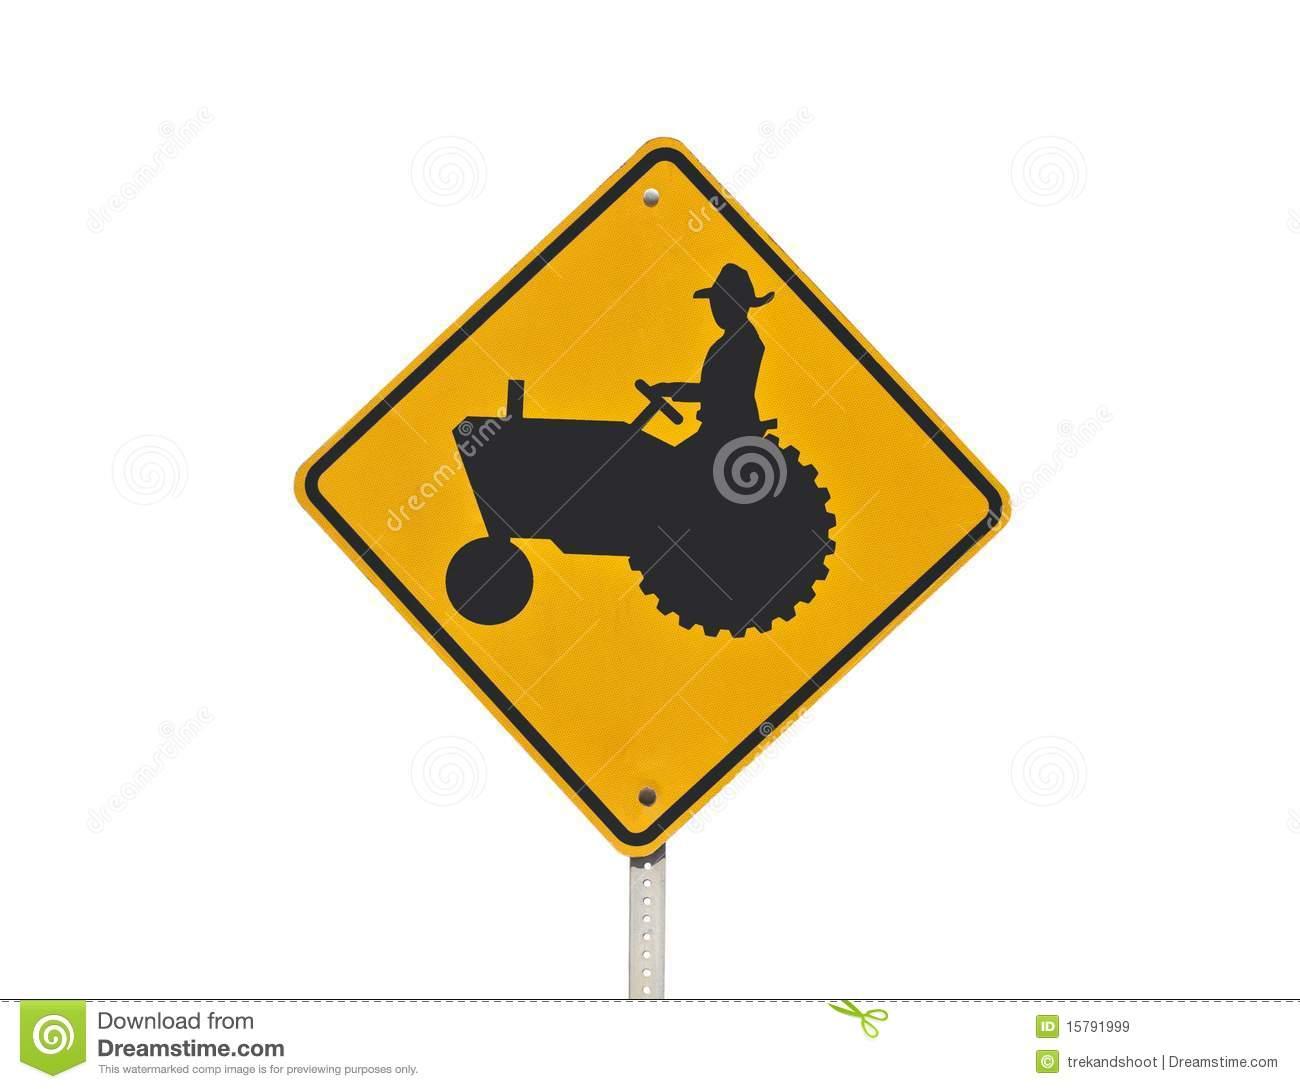 Deer crossing sign clipart png download Tractor Crossing Sign Clipart - Free Clipart png download